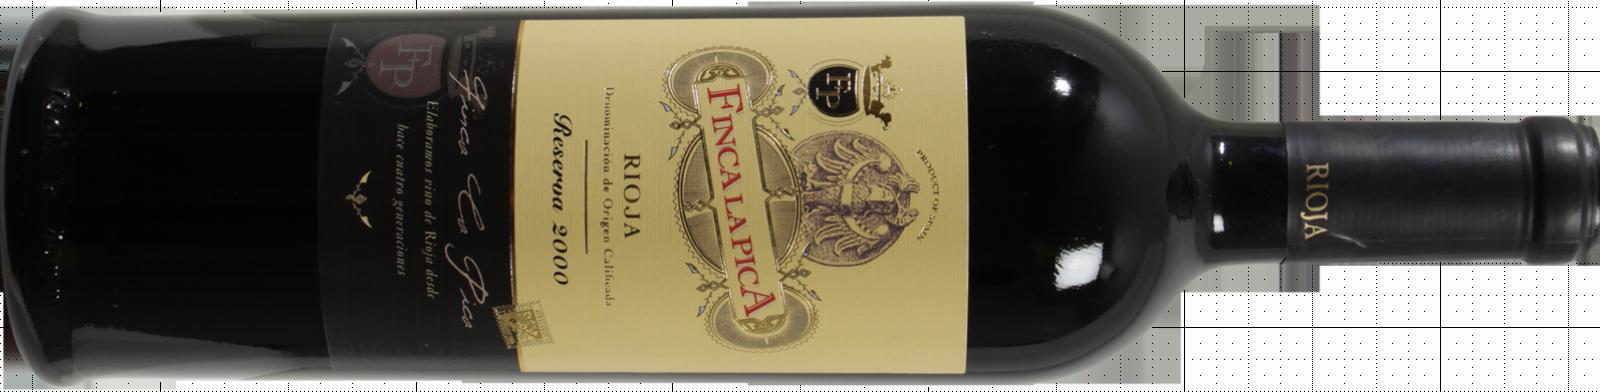 Finca La Pica Rioja DOCa Reserva 2000